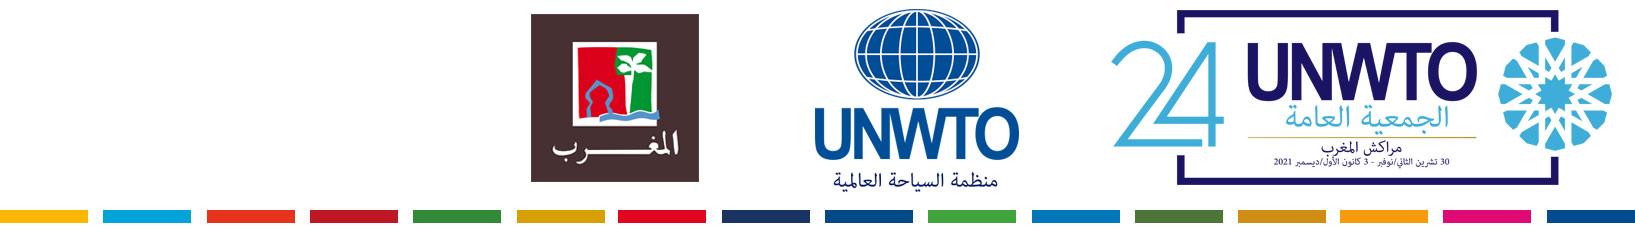 30 تشرين الثاني/نوفبر - 3 كانون الأول/ديسمبر 2021 مراكش، المغرب